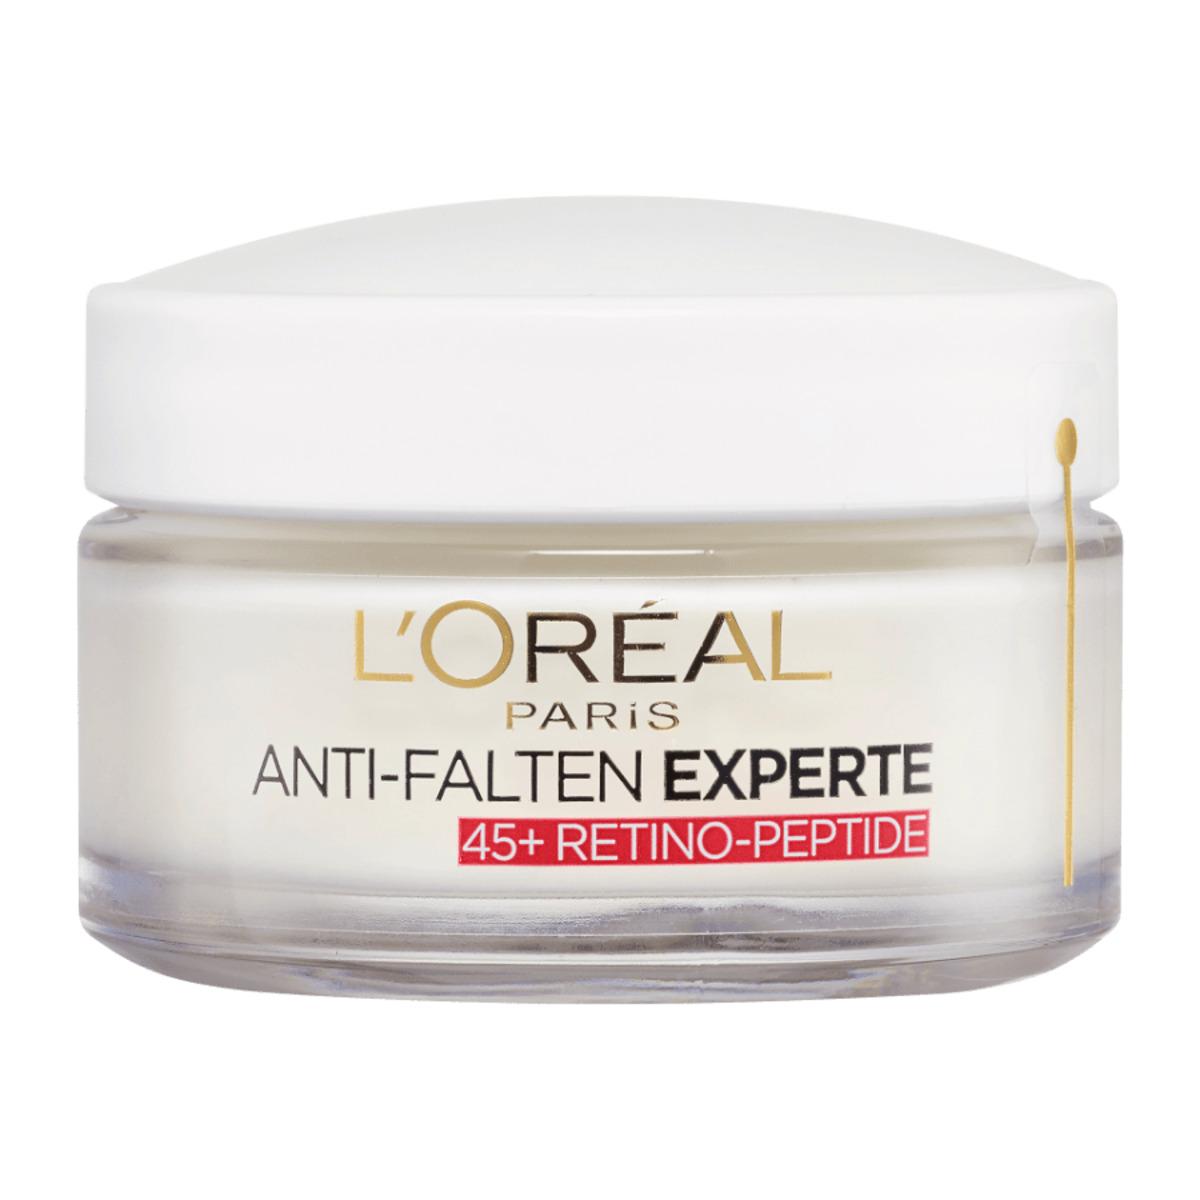 Bild 3 von L'Oréal Anti-Falten Experte Feuchtigkeitspflege